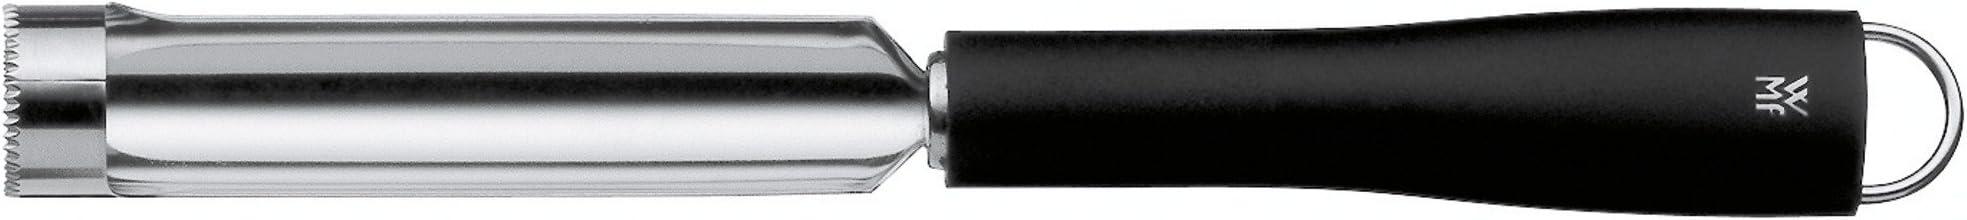 WMF Black Line Apfelausstecher/Apfelkernausstecher/Apfelentkerner, 23 cm, ideal für Äpfel und Birnen, Cromargan Edelstahl, Kunststoff, spülmaschinengeeignet